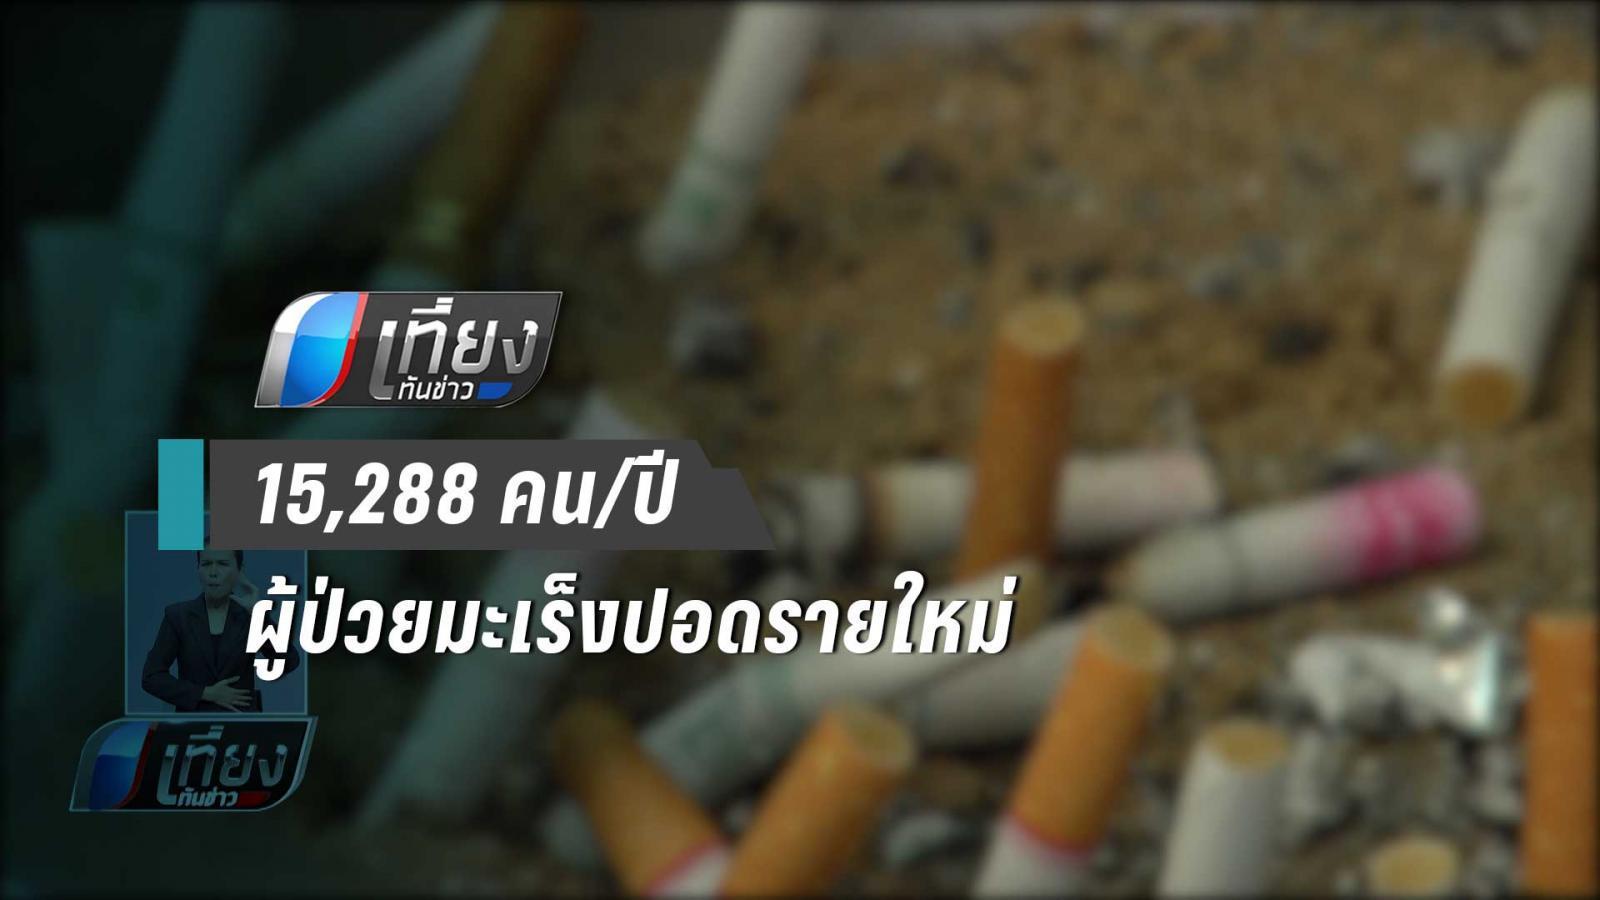 สถาบันมะเร็งเตือนระวังภัยบุหรี่มือสอง